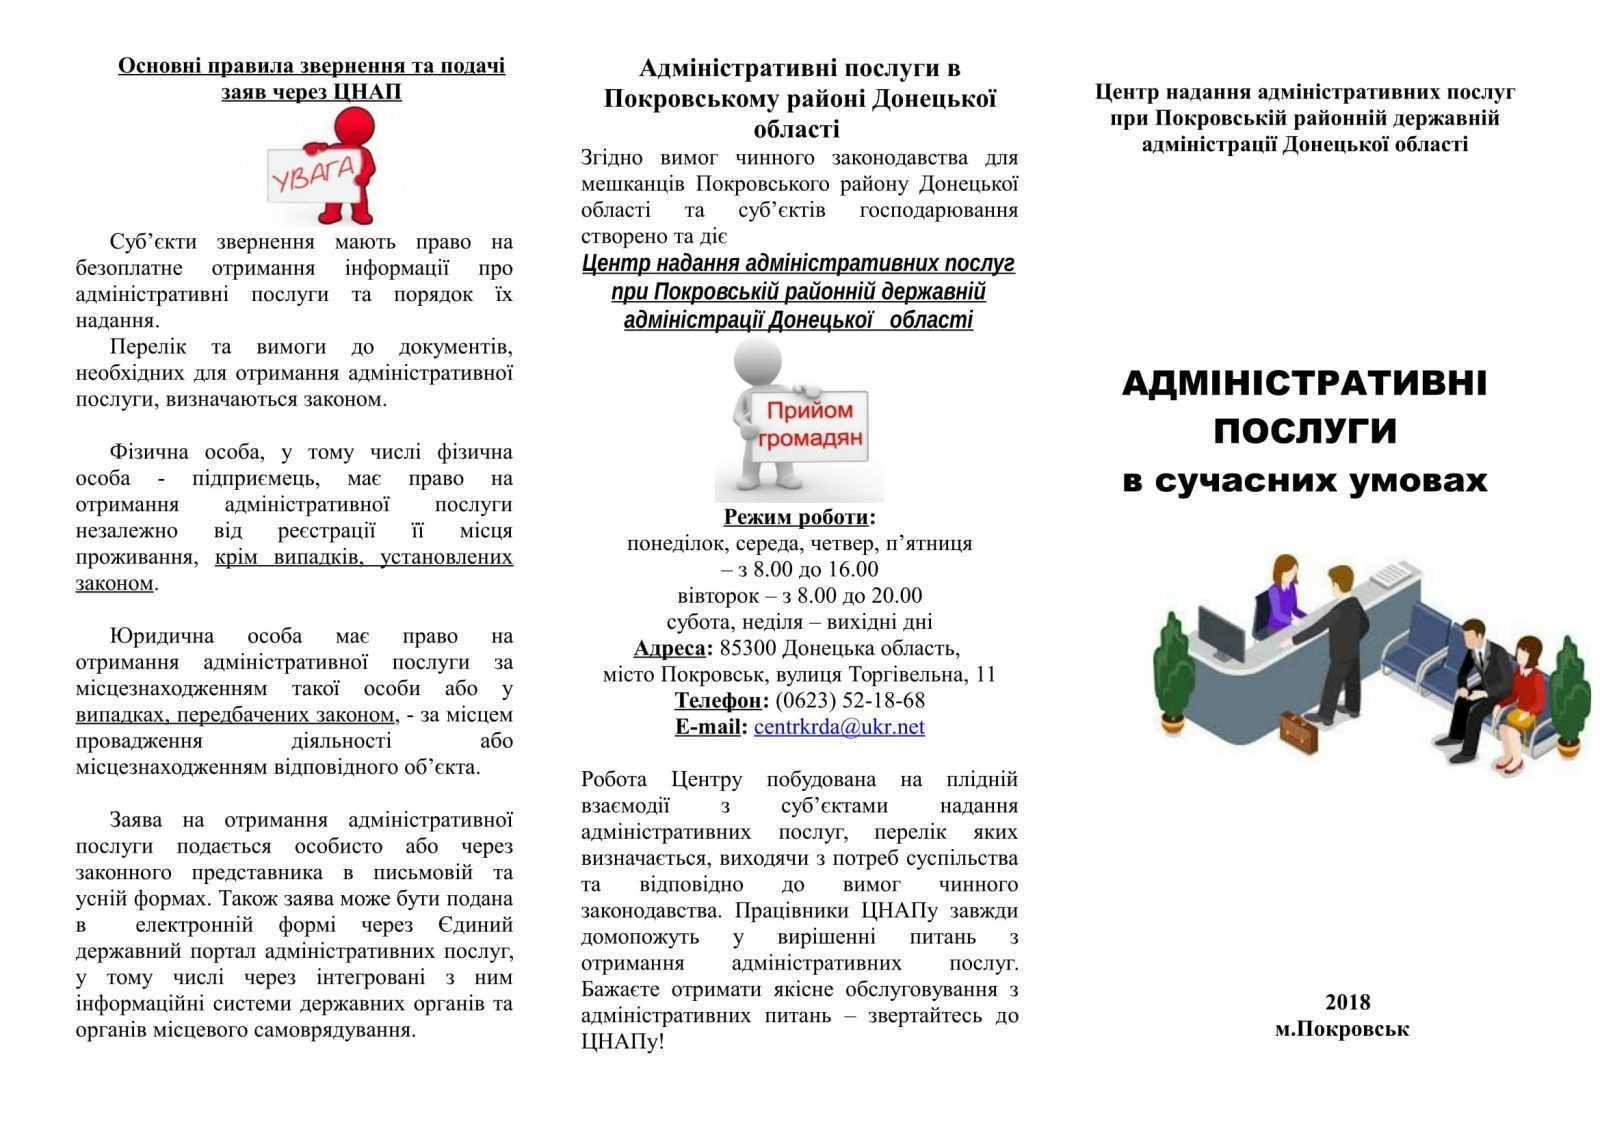 Broshura TSNAP 2 - АДМІНІСТРАТИВНІ ПОСЛУГИ в сучасних умовах